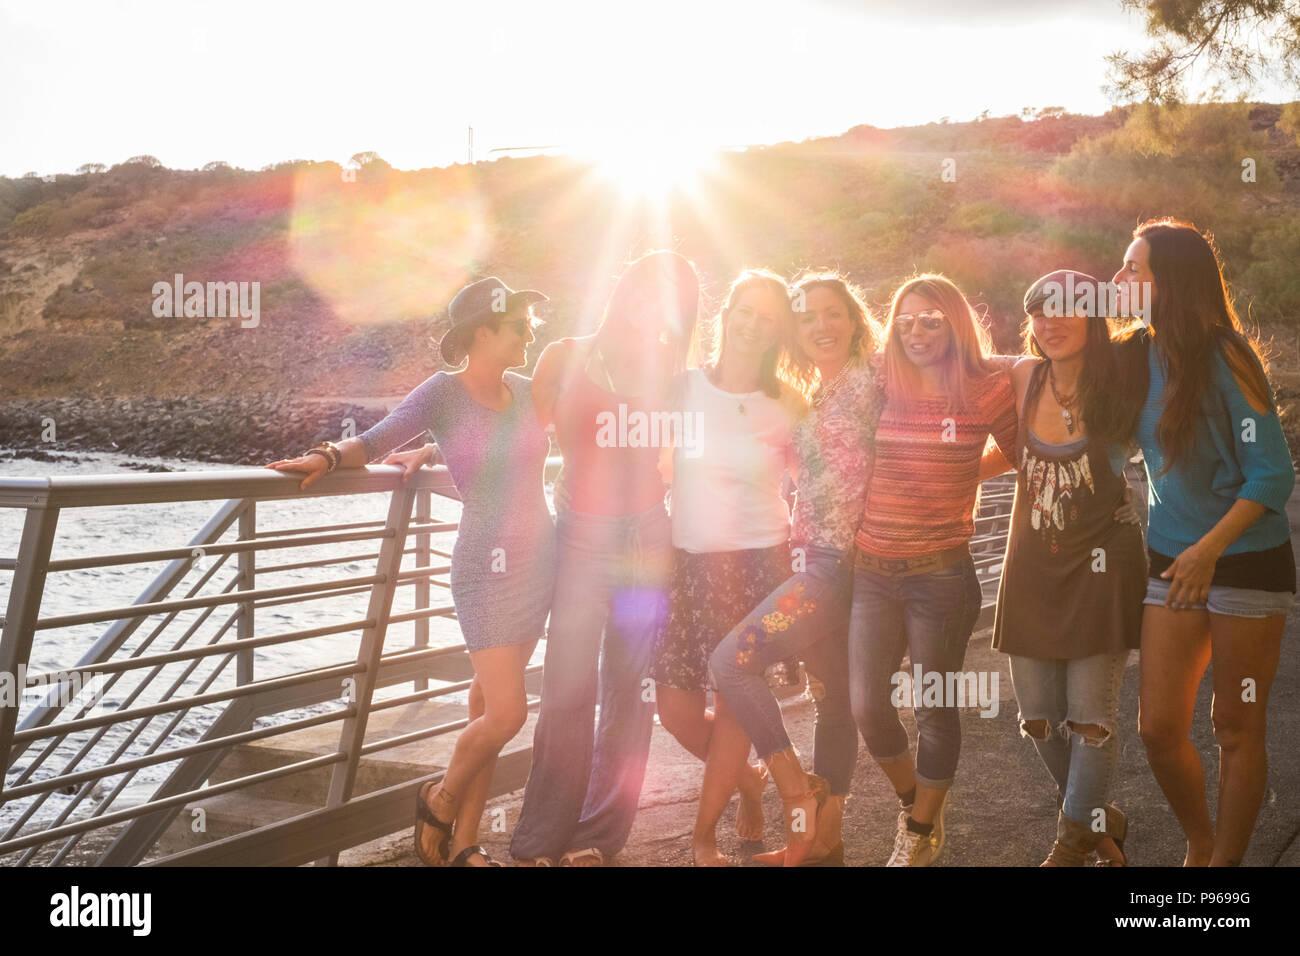 Gruppe von Sieben und schönen kaukasische Mädchen, junge Frauen, die Spaß haben und Lachen und Lächeln im Freien in der Nähe des Ozeans während des Sonnenuntergangs. Hintergrundbeleuchtung paople Stockbild